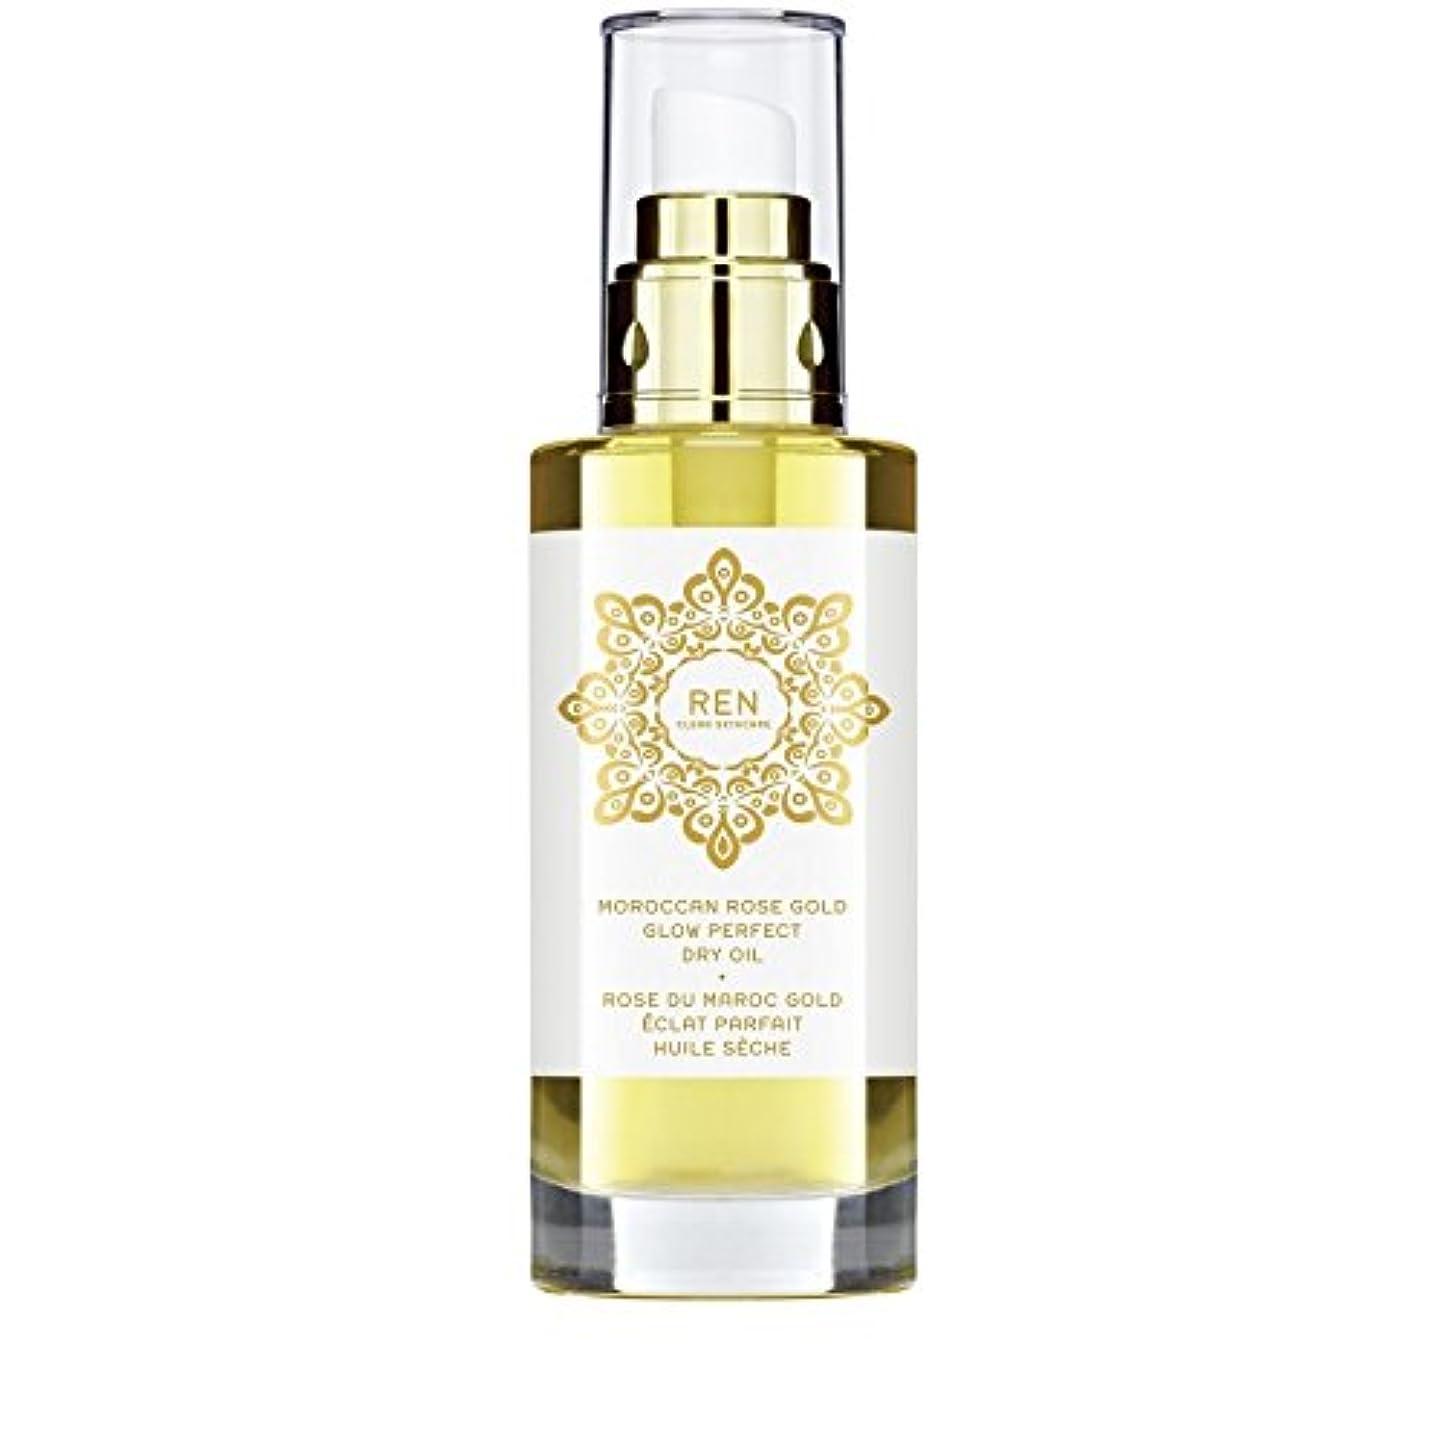 パイ健全優勢モロッコは金が完璧なドライオイル100ミリリットルグローバラ x4 - REN Moroccan Rose Gold Glow Perfect Dry Oil 100ml (Pack of 4) [並行輸入品]